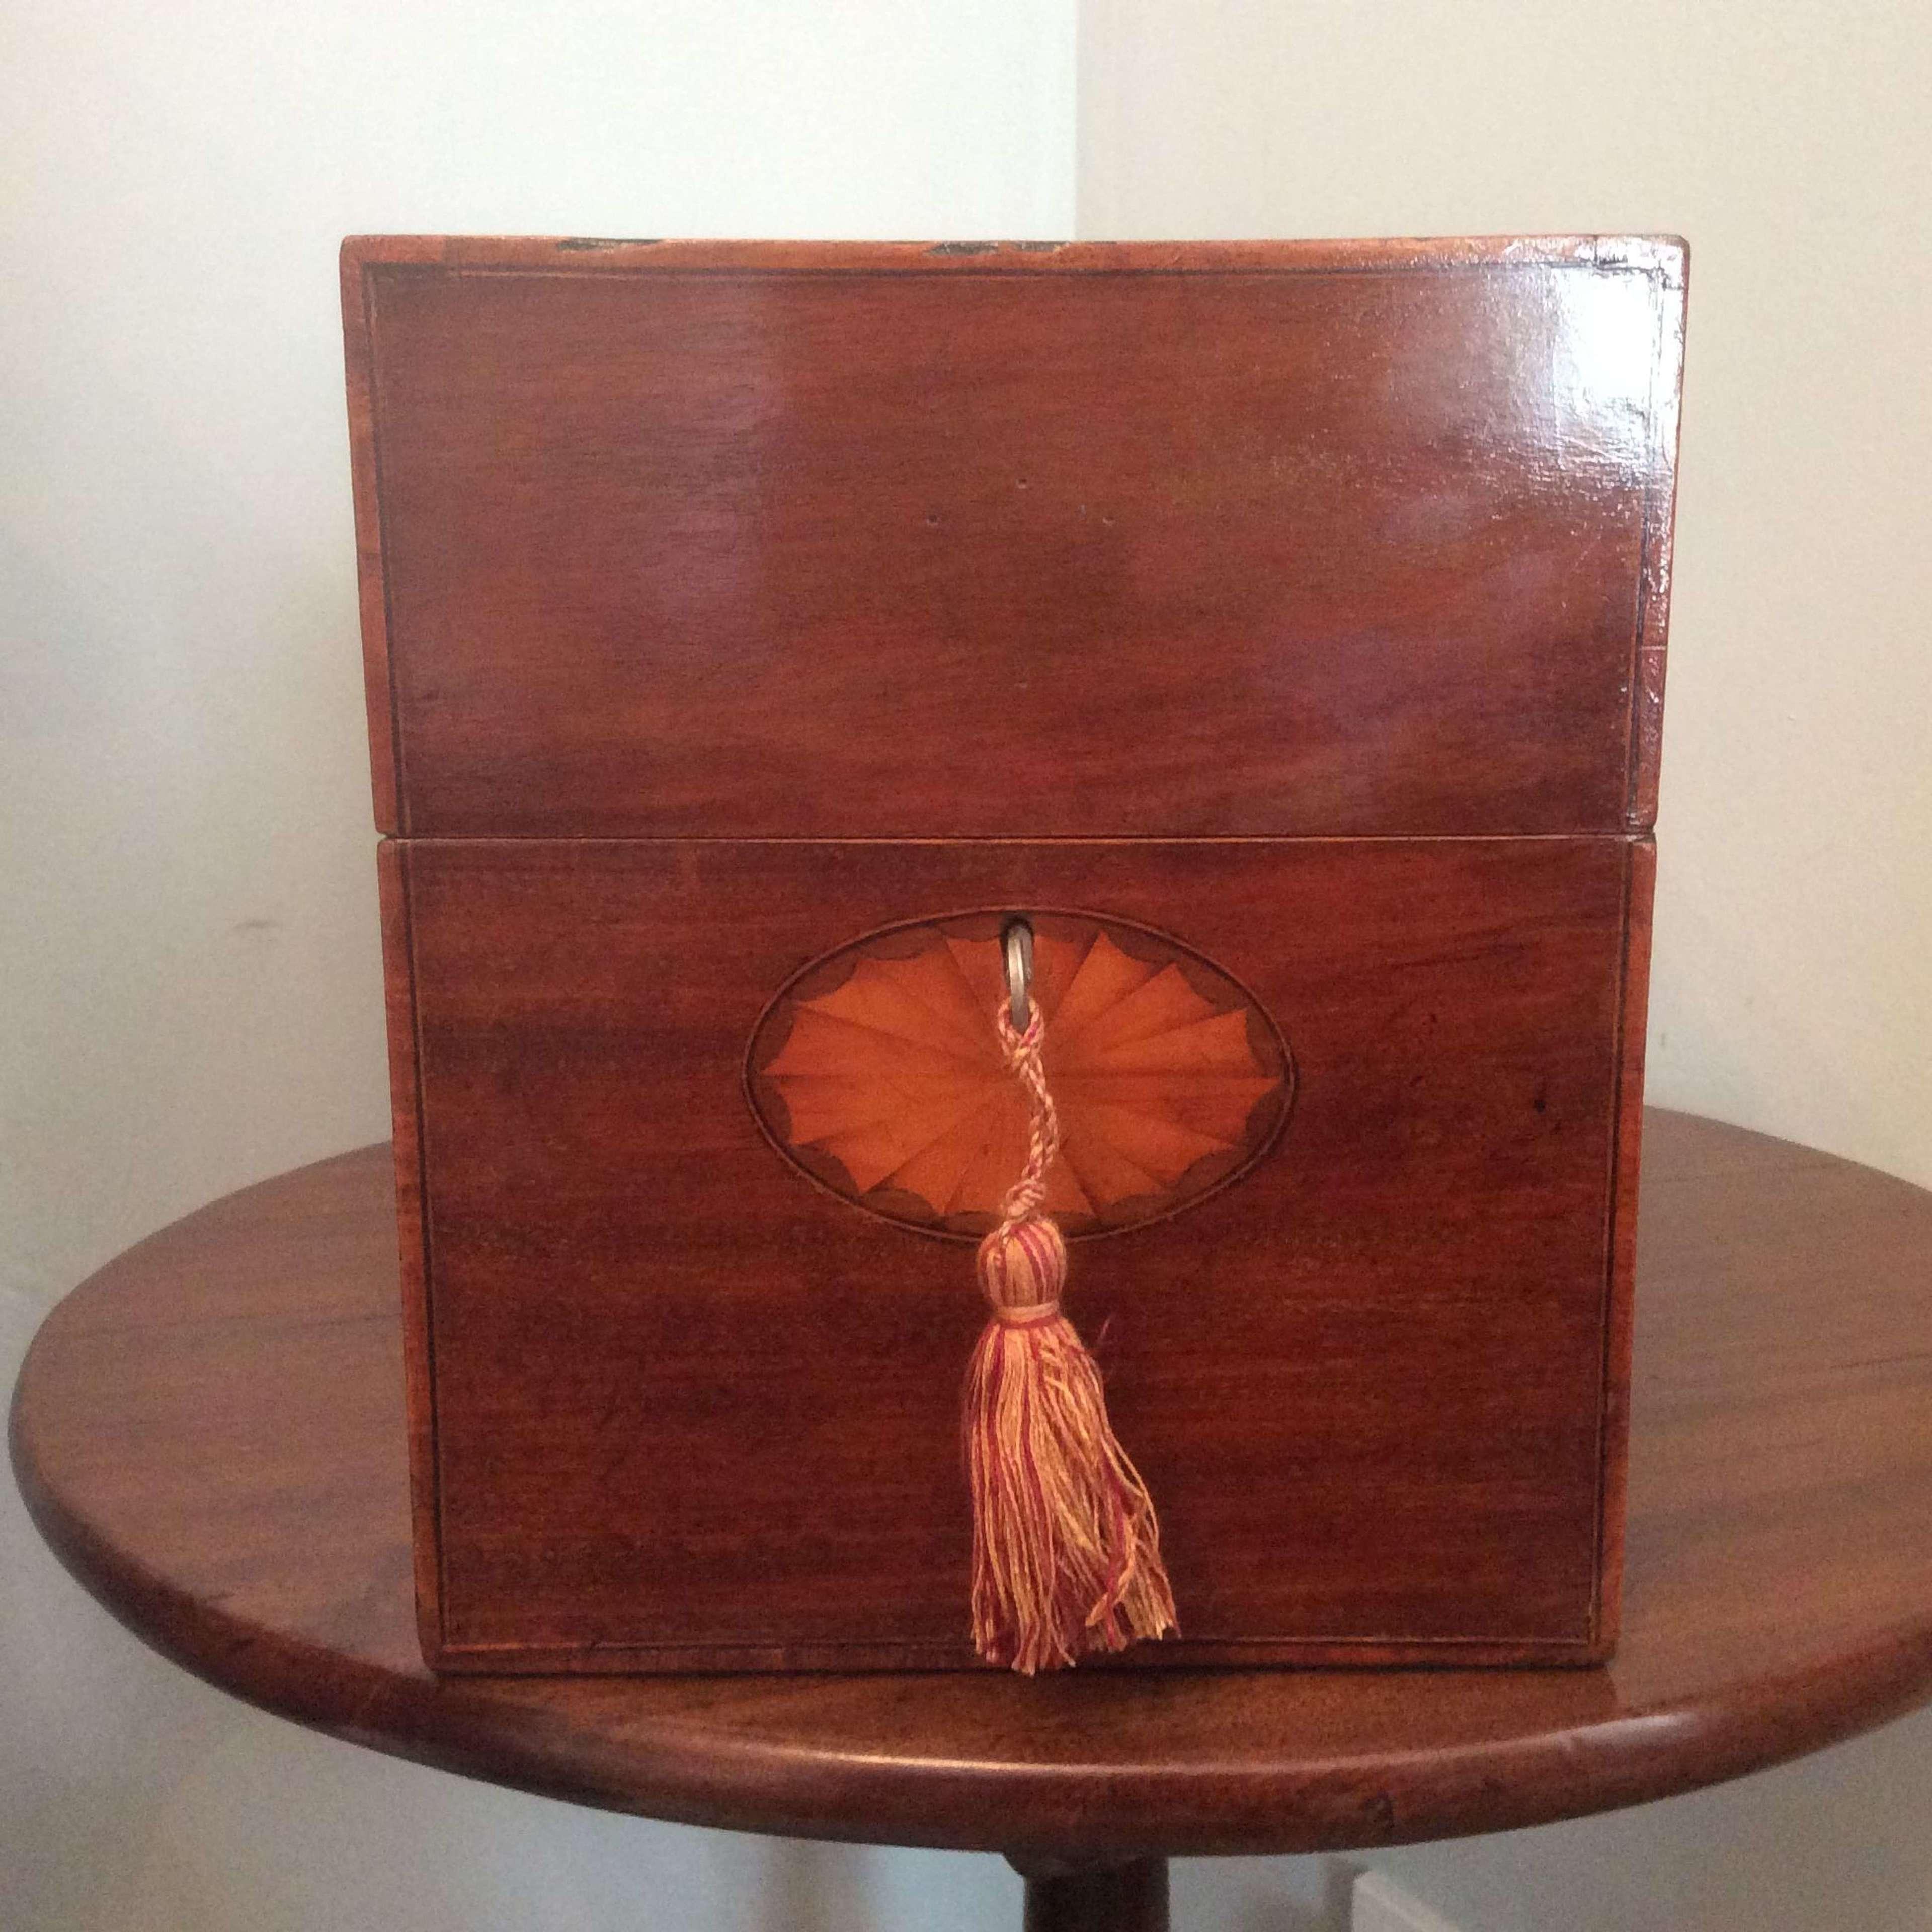 Georgian mahogany decanter box